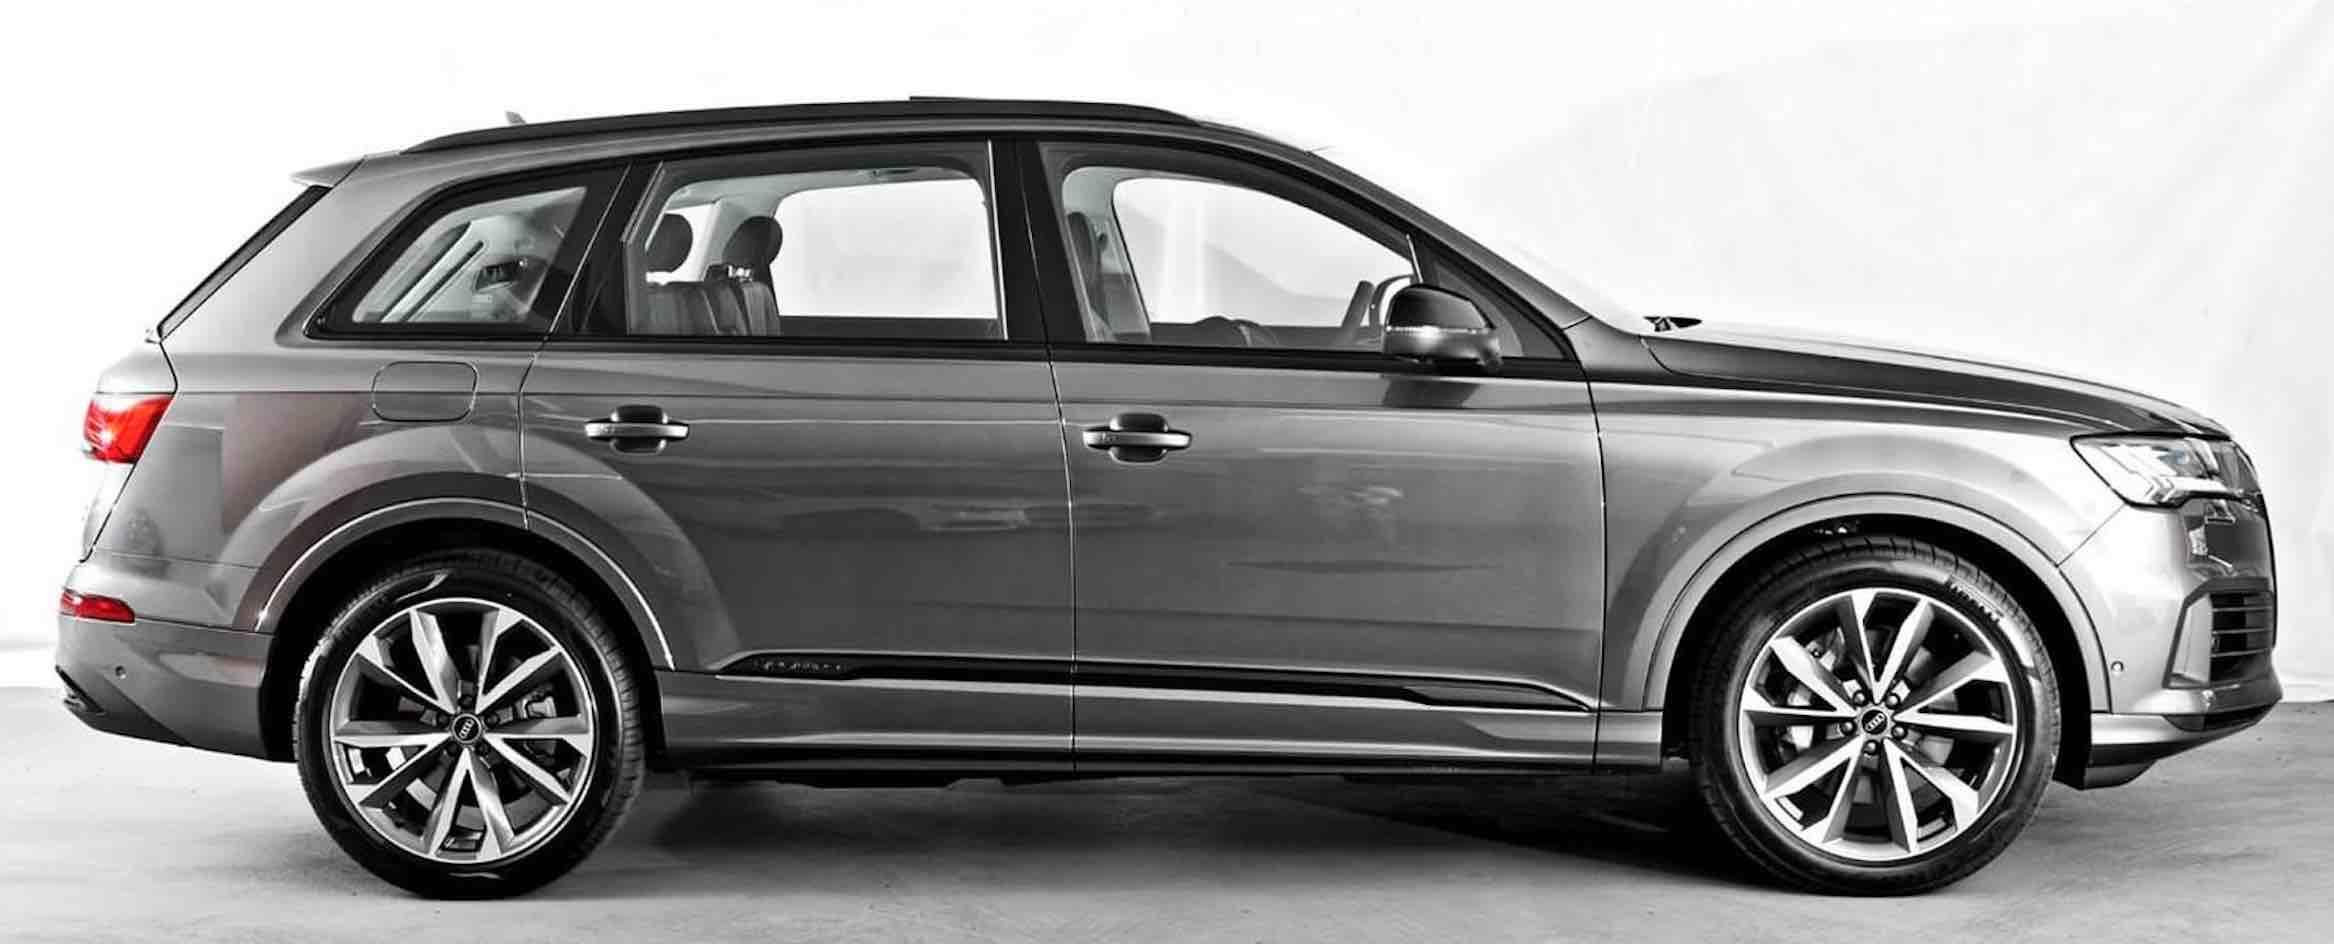 Chauffeur SUV Audi q7